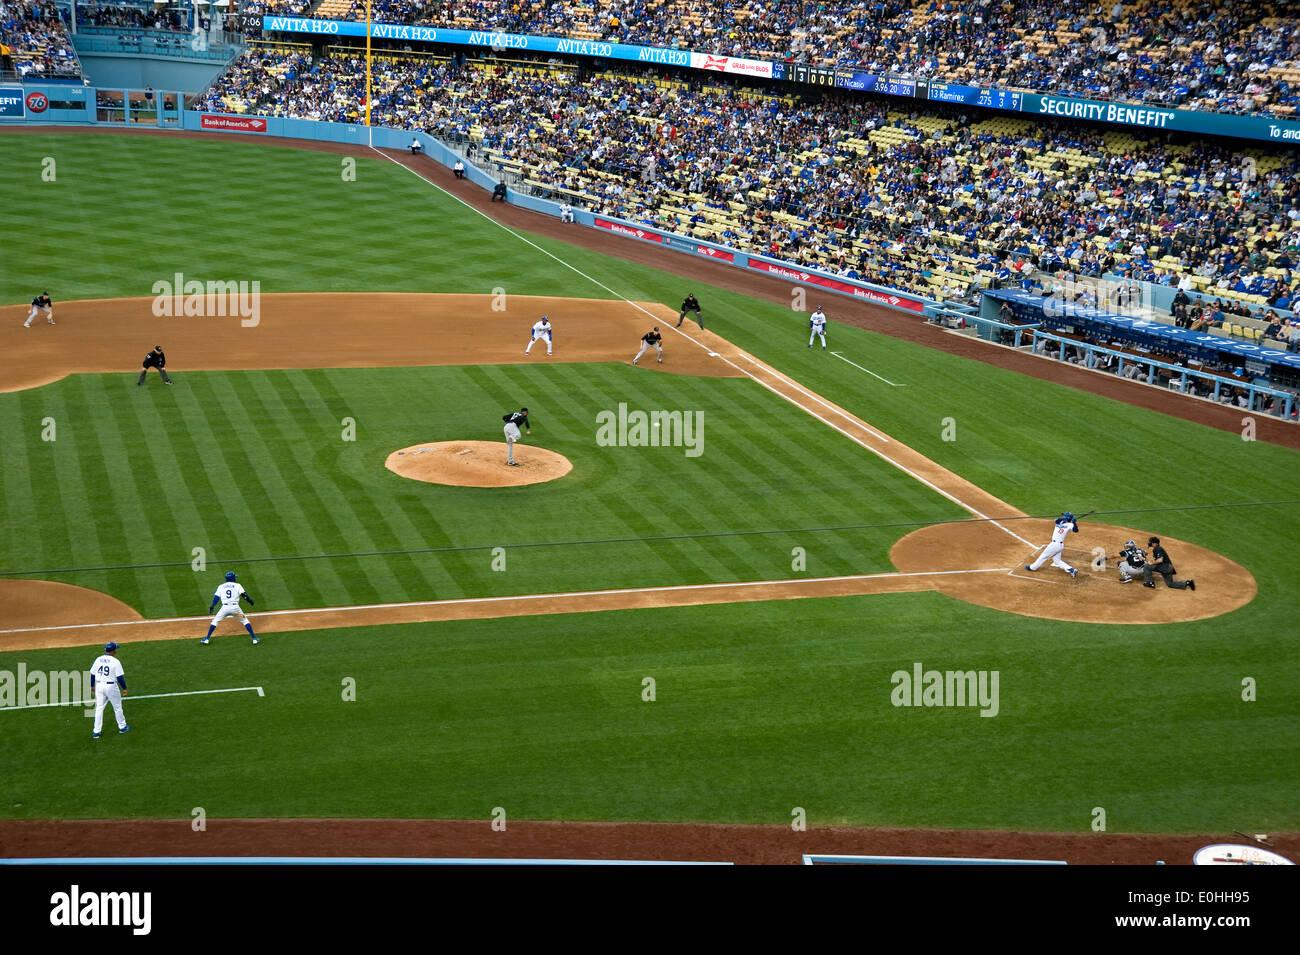 Baseball gioco presso il Dodger Stadium. Immagini Stock